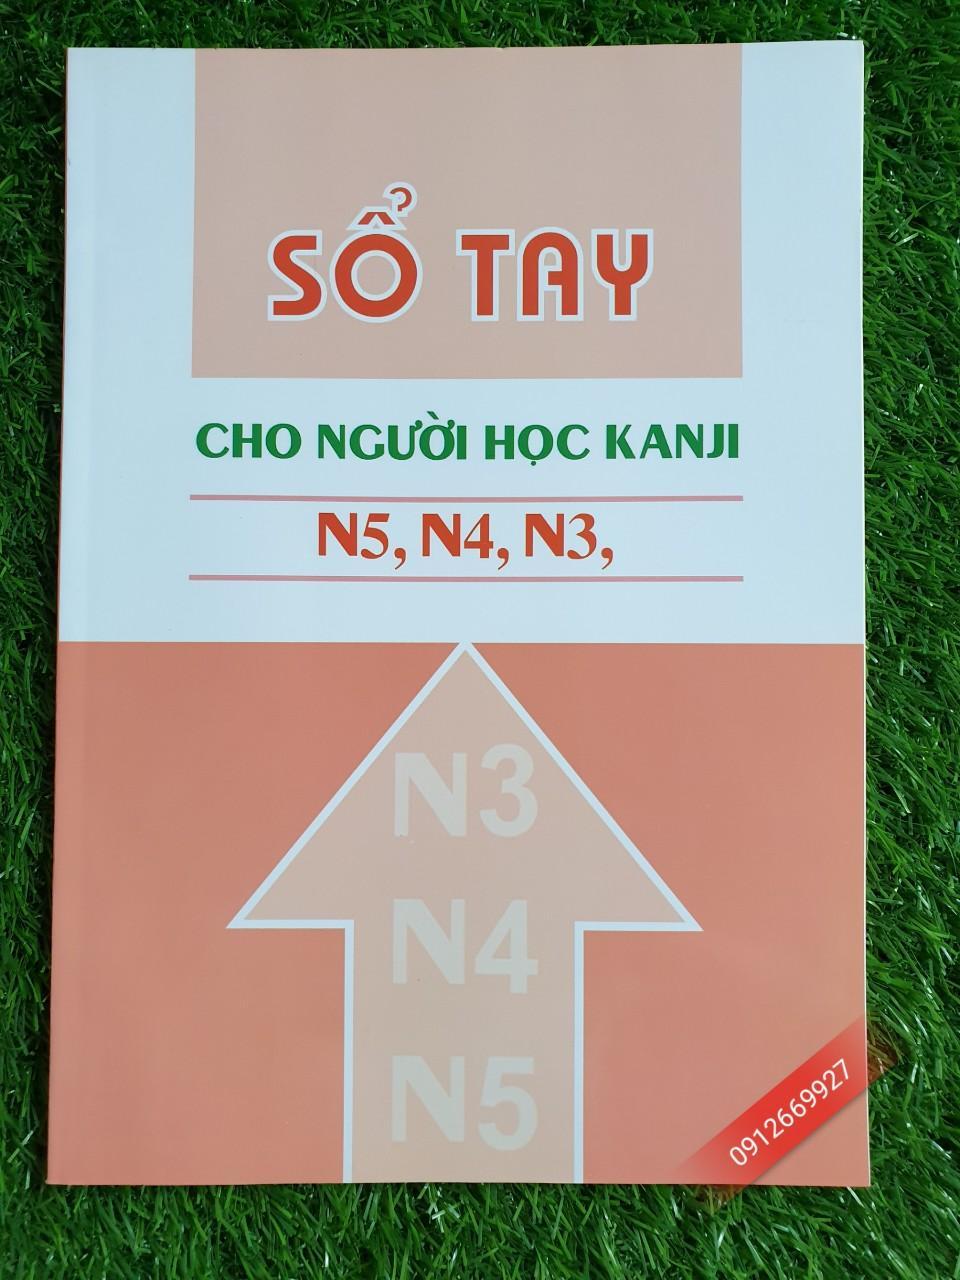 Mua Sách Sổ tay cho người học Kanji N5, N4, N3